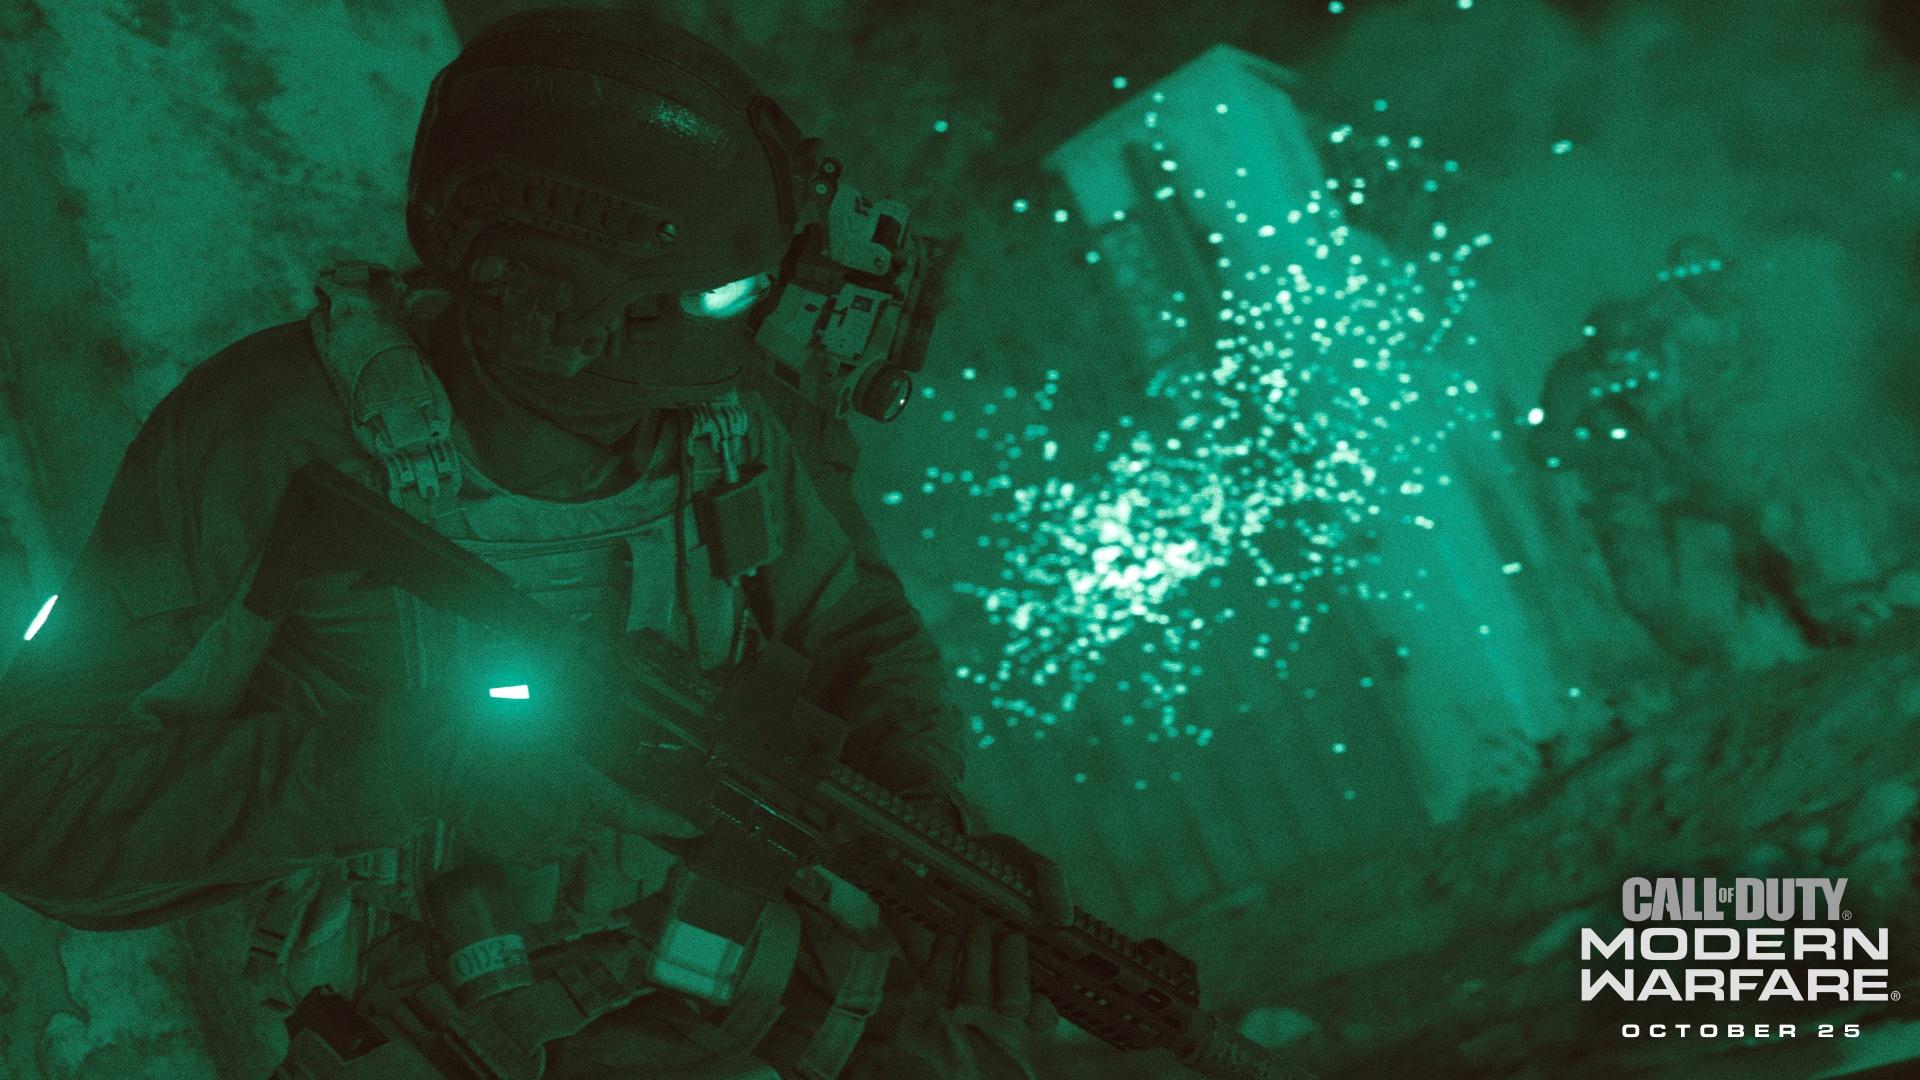 Мировая премьера: Call of Duty: Modern Warfare. Ни слова по-русски